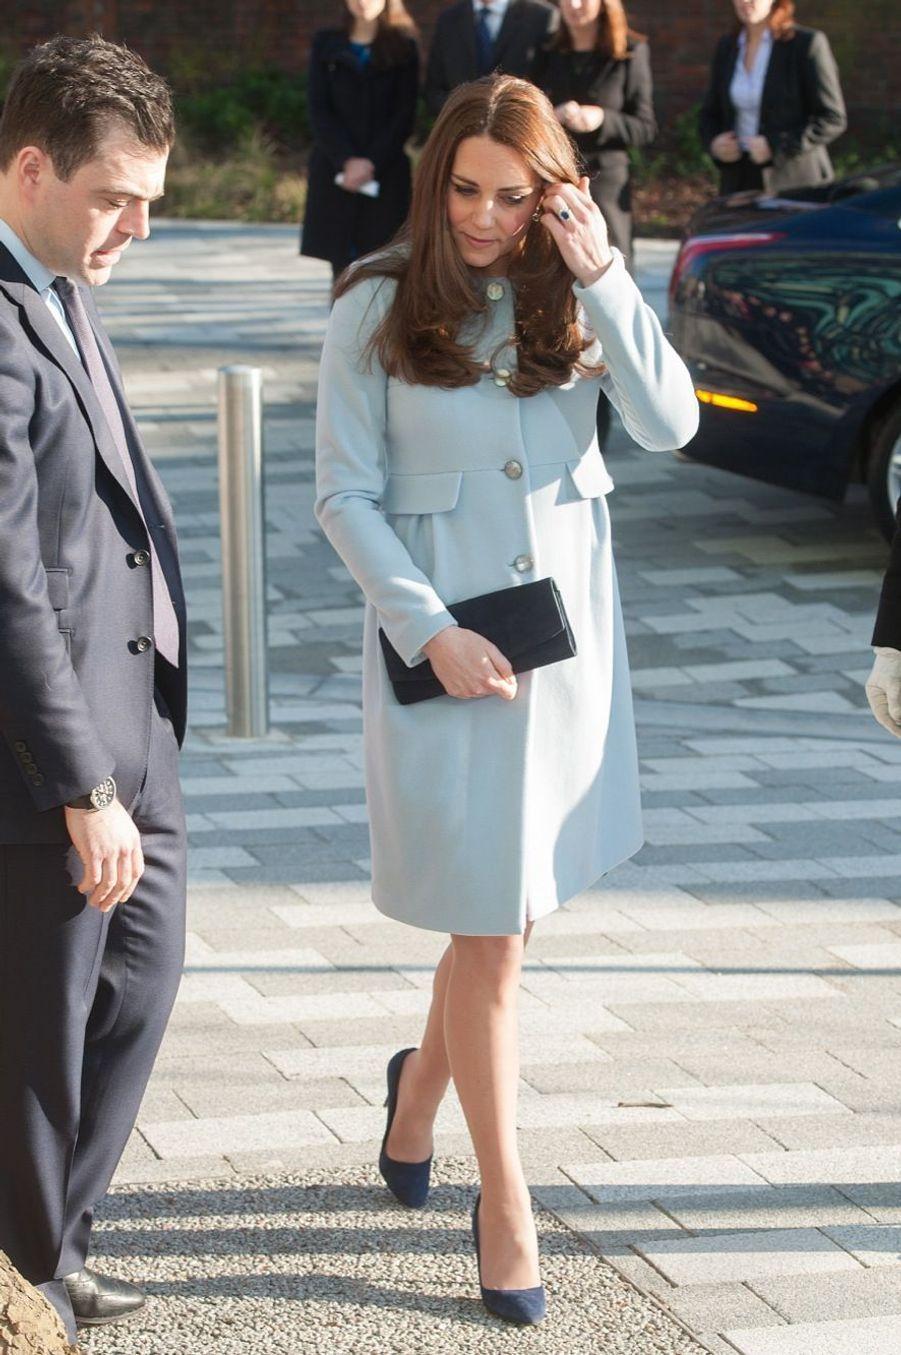 14 La Duchesse De Cambridge, Née Kate Middleton, En Visite À Kensington